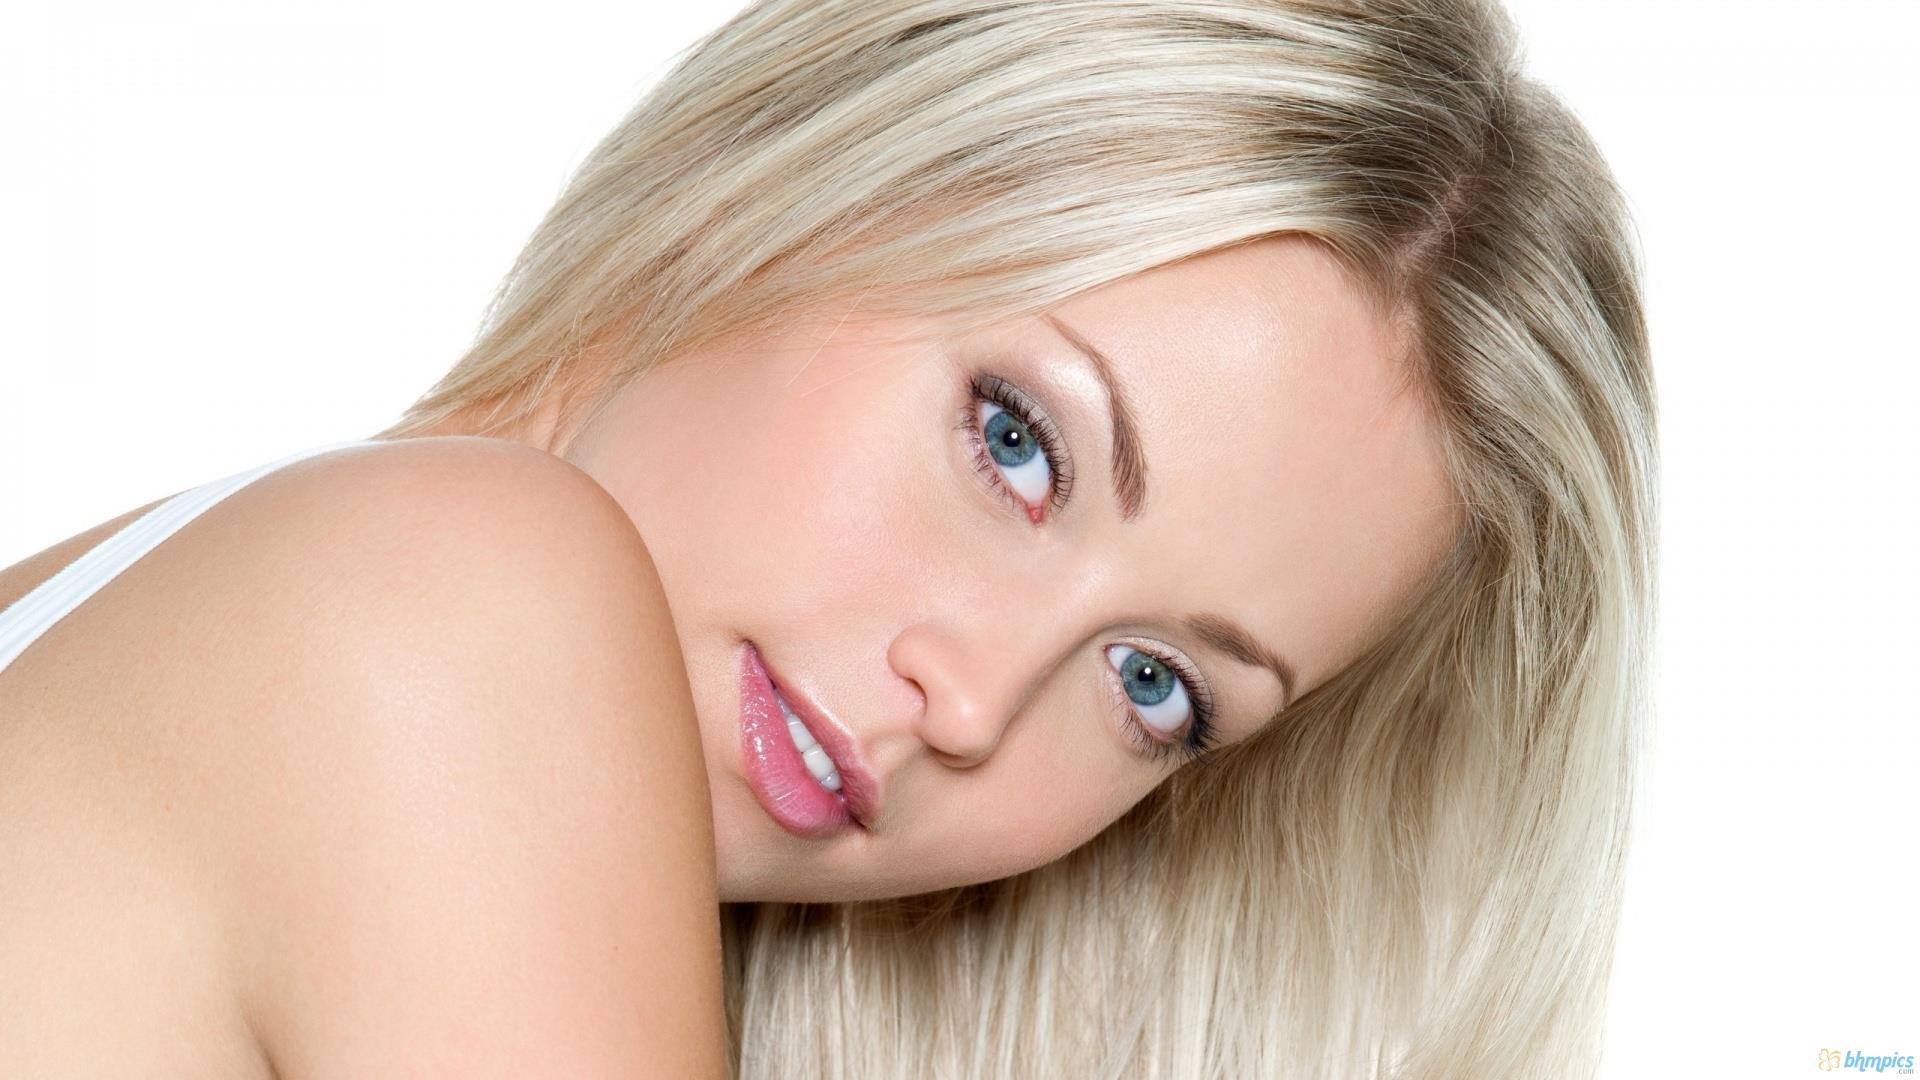 fond-ecran-filles-blondes_23